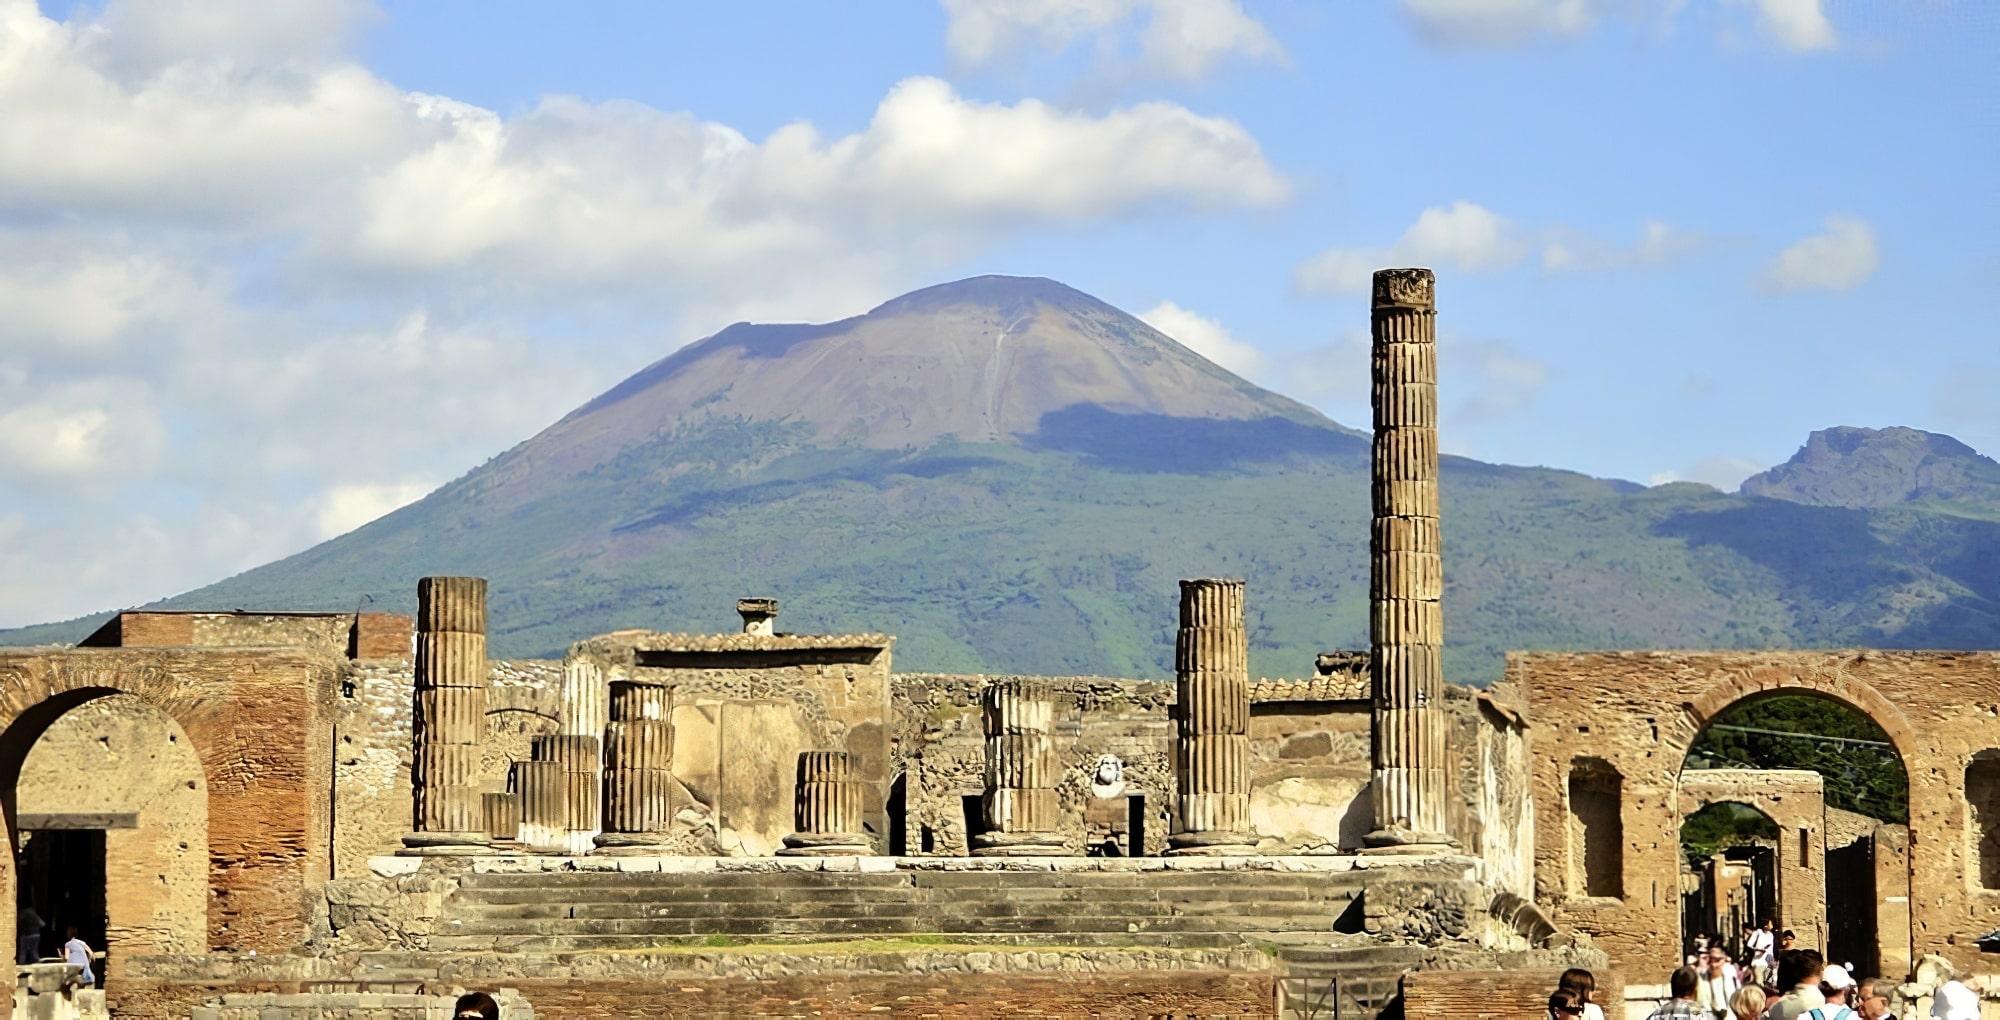 Visiter le site archéologique de Pompéi